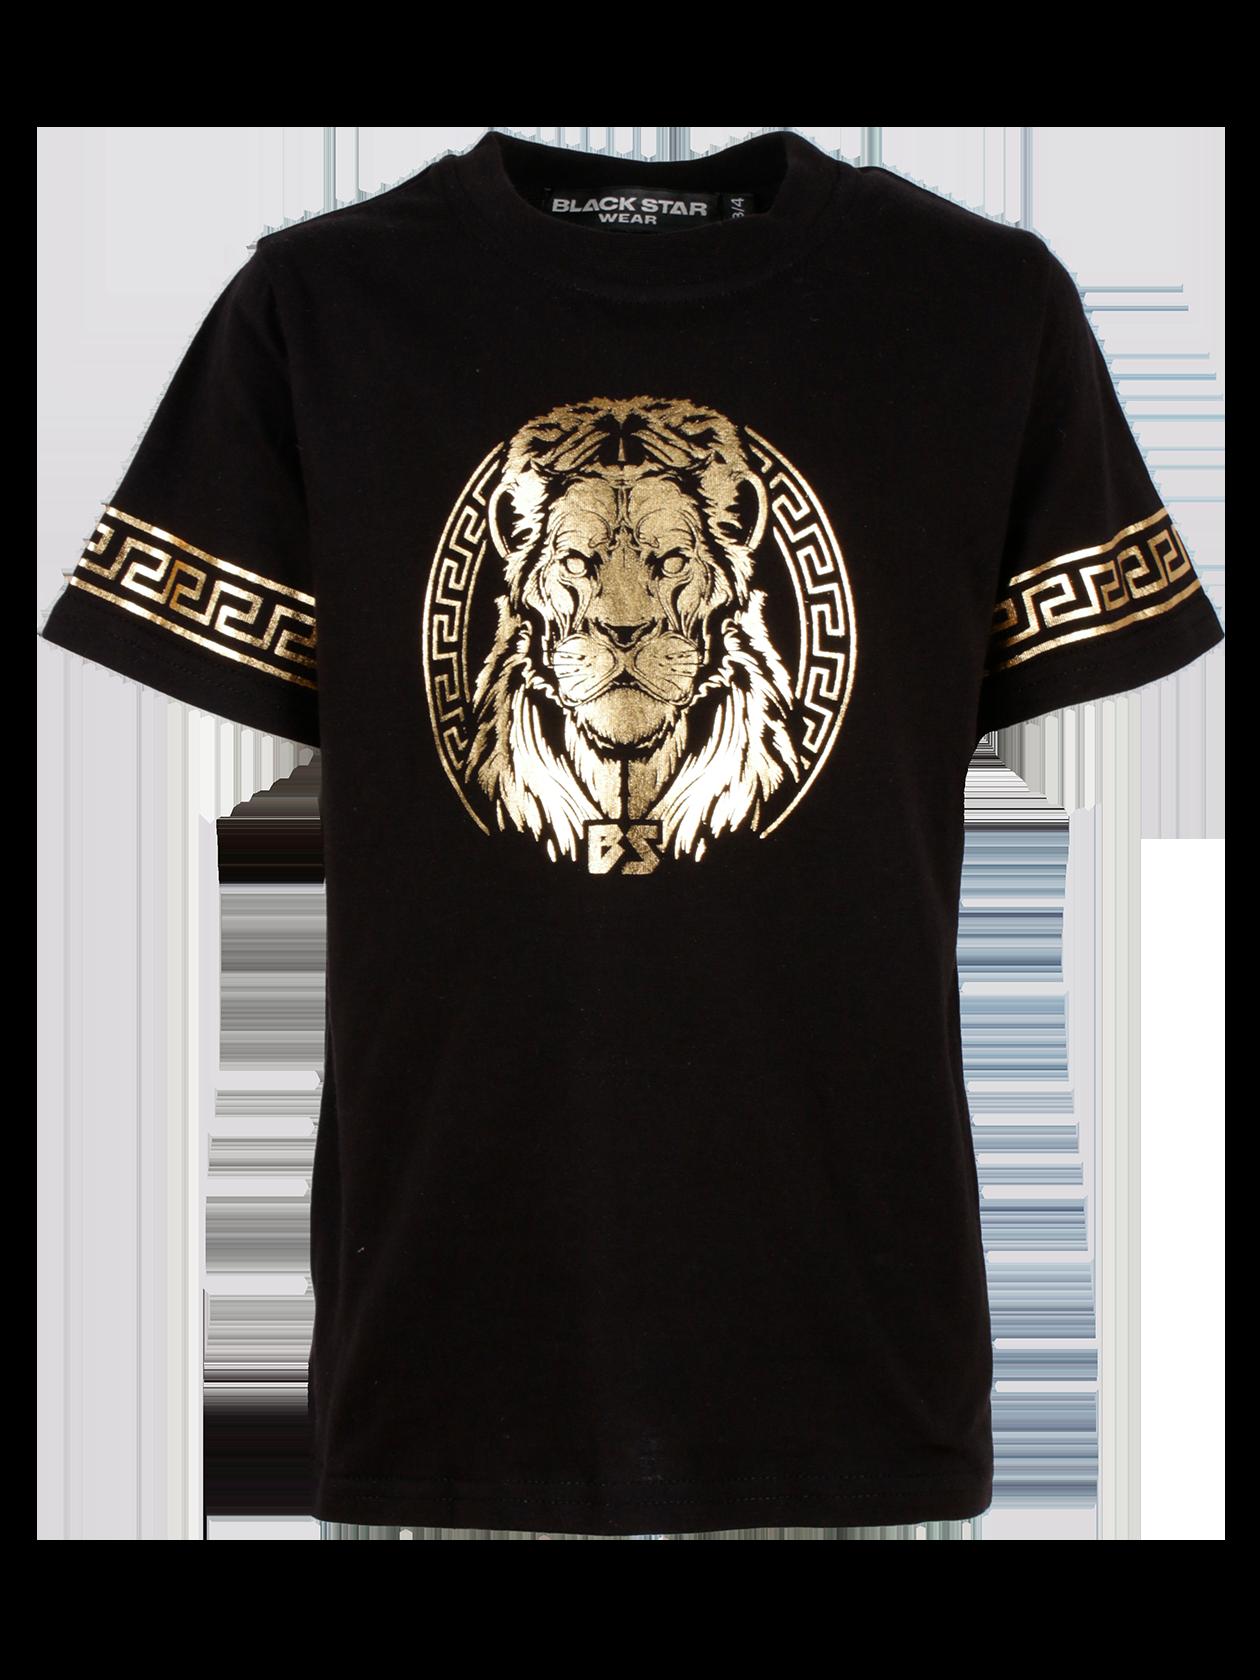 Футболка детская GOLD LIONФутболка детская Gold Lion – яркий и практичный атрибут гардероба активного непоседы. Изделие представлено в черном цвете с эффектным золотистым принтом «голова льва в круге и надписью BS». Модель удлиненного прямого кроя с широким коротким рукавом, дополненным греческим орнаментом. Вещь изготовлена из премиального натурального хлопка, подходит для частой носки. Отлично комбинируется с повседневной и спортивной одеждой.<br><br>Размер: 7-8 years<br>Цвет: Черный<br>Пол: Унисекс